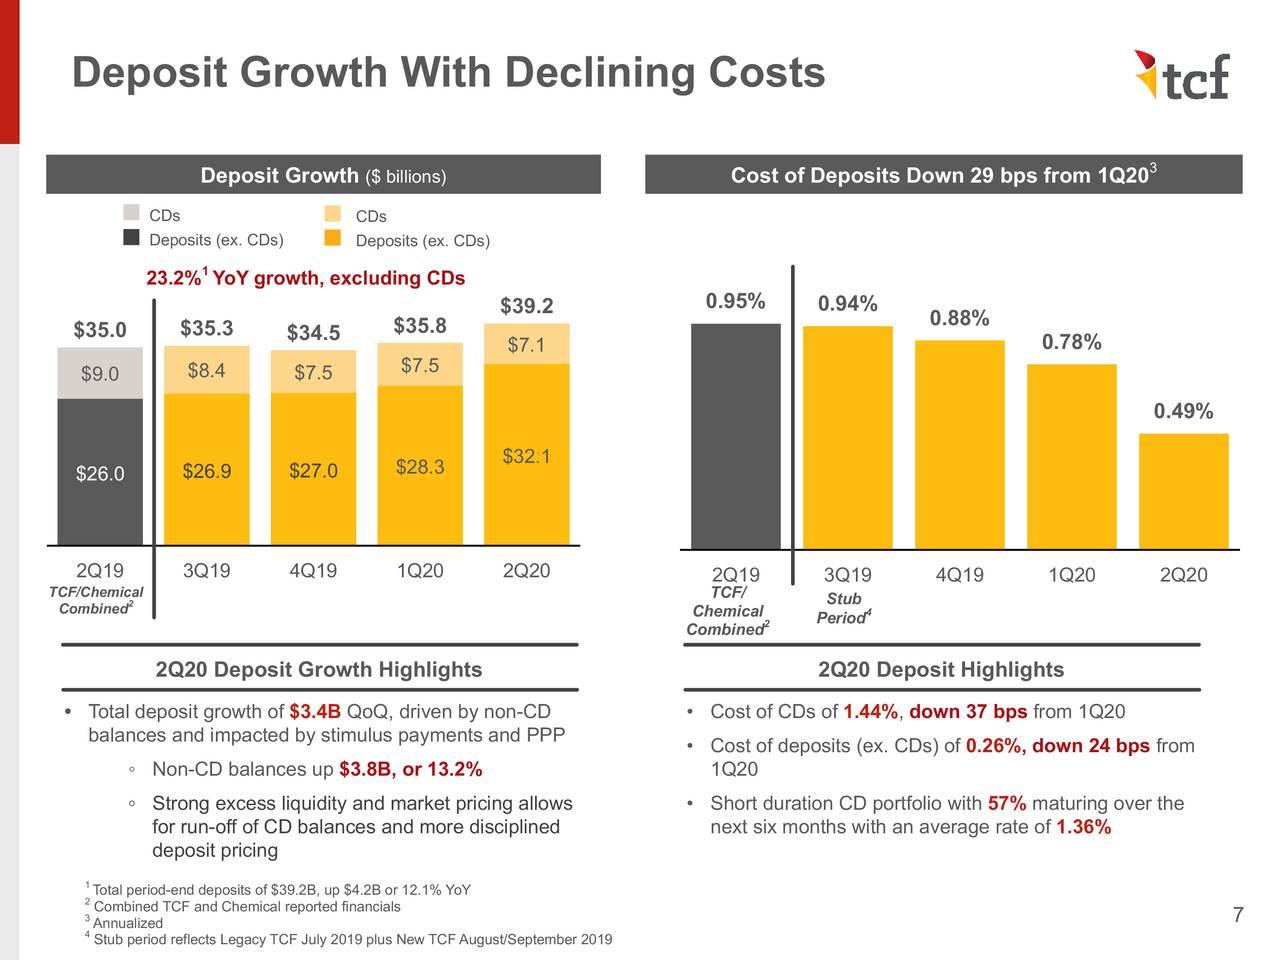 Crecimiento de depósitos con costos decrecientes